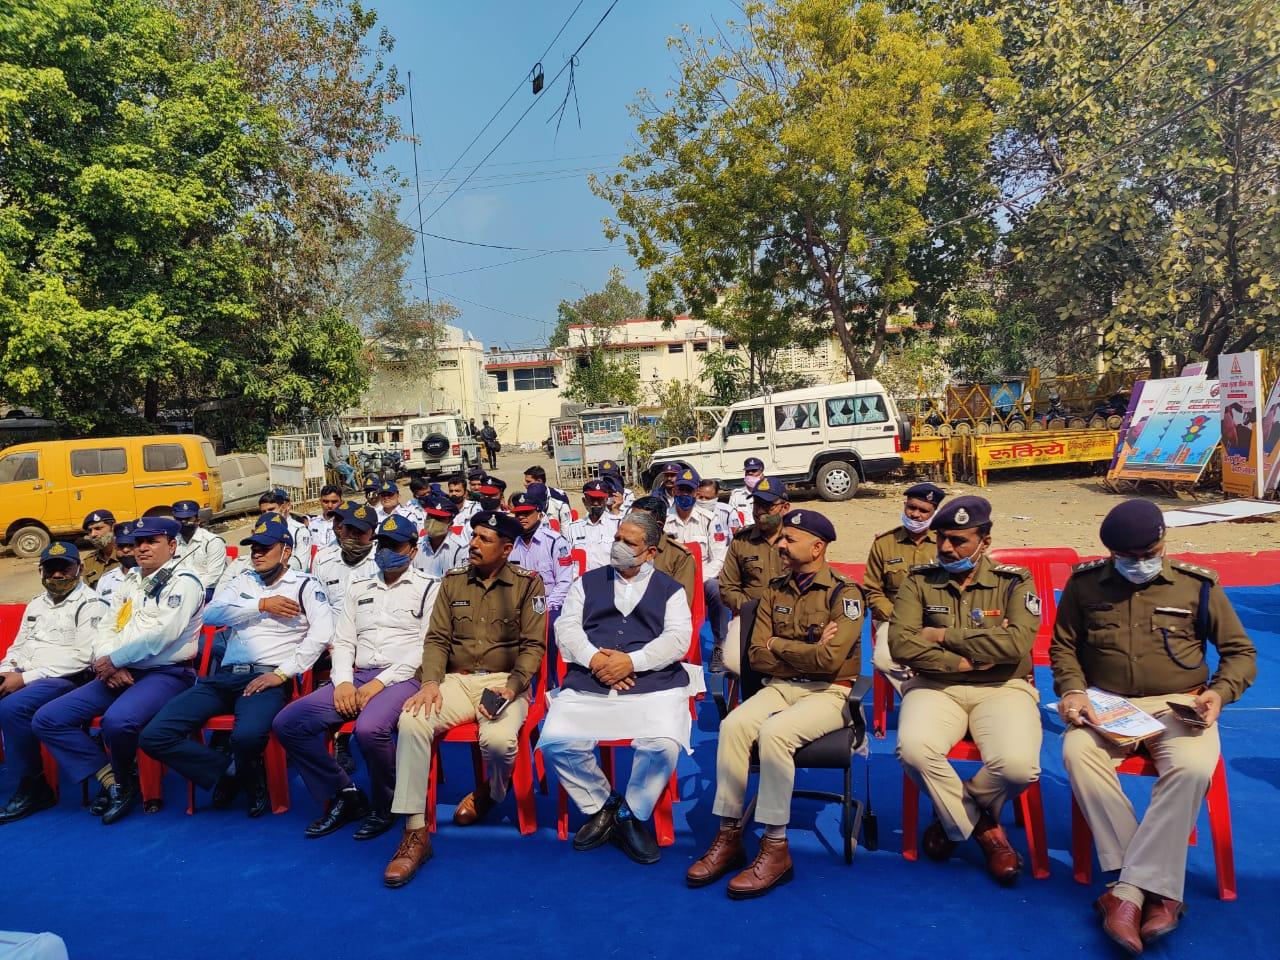 ट्रेनिंग के दौरान ट्रैफिक पुलिस के अधिकारी और जवान।